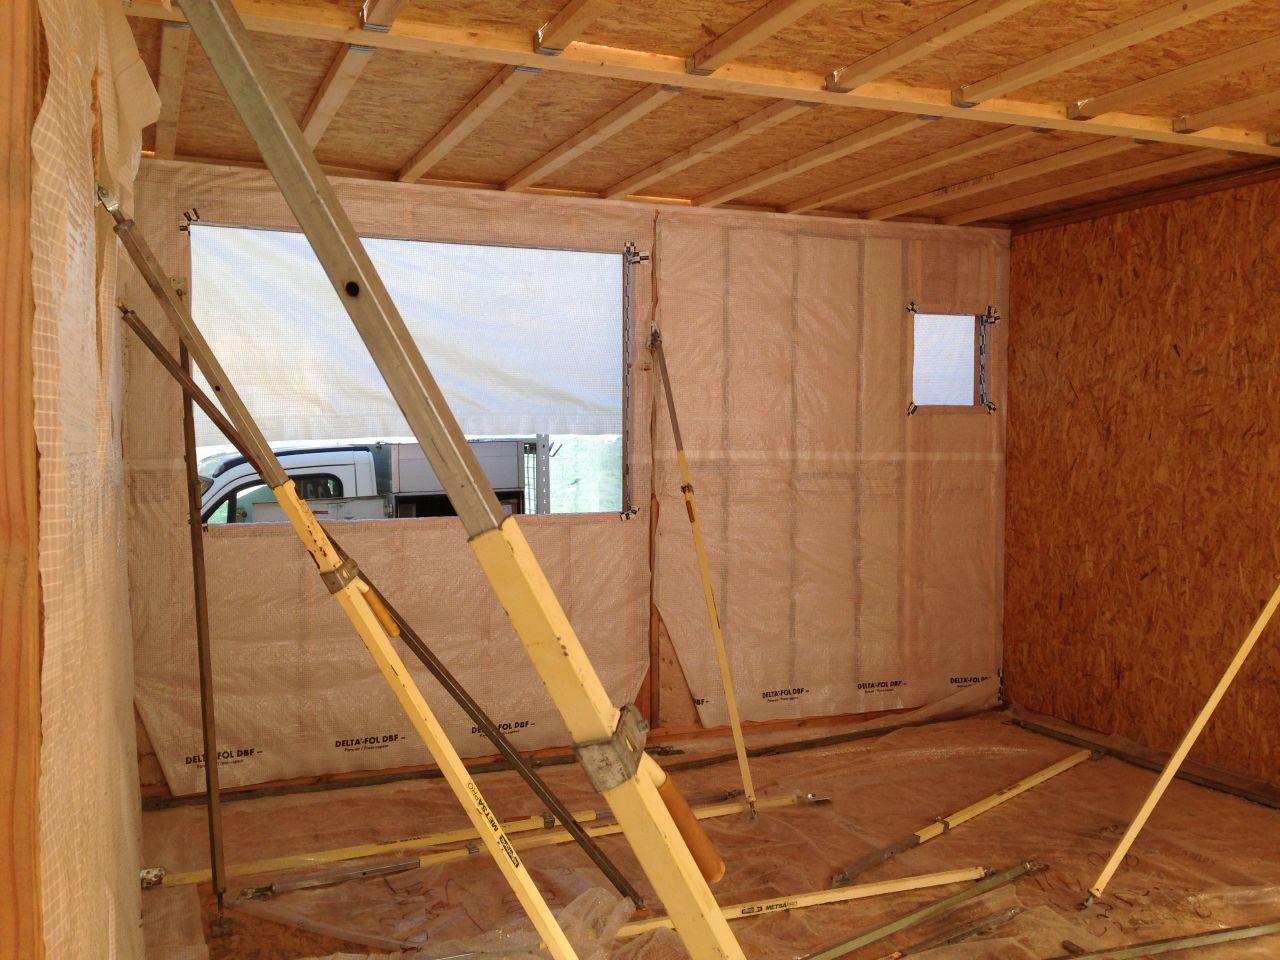 Plancher 1er étage en cours de montage. Même système que dalle du bas avec isolation ouate de cellulose. il y aura ensuite le faux plafond avec espace technique.